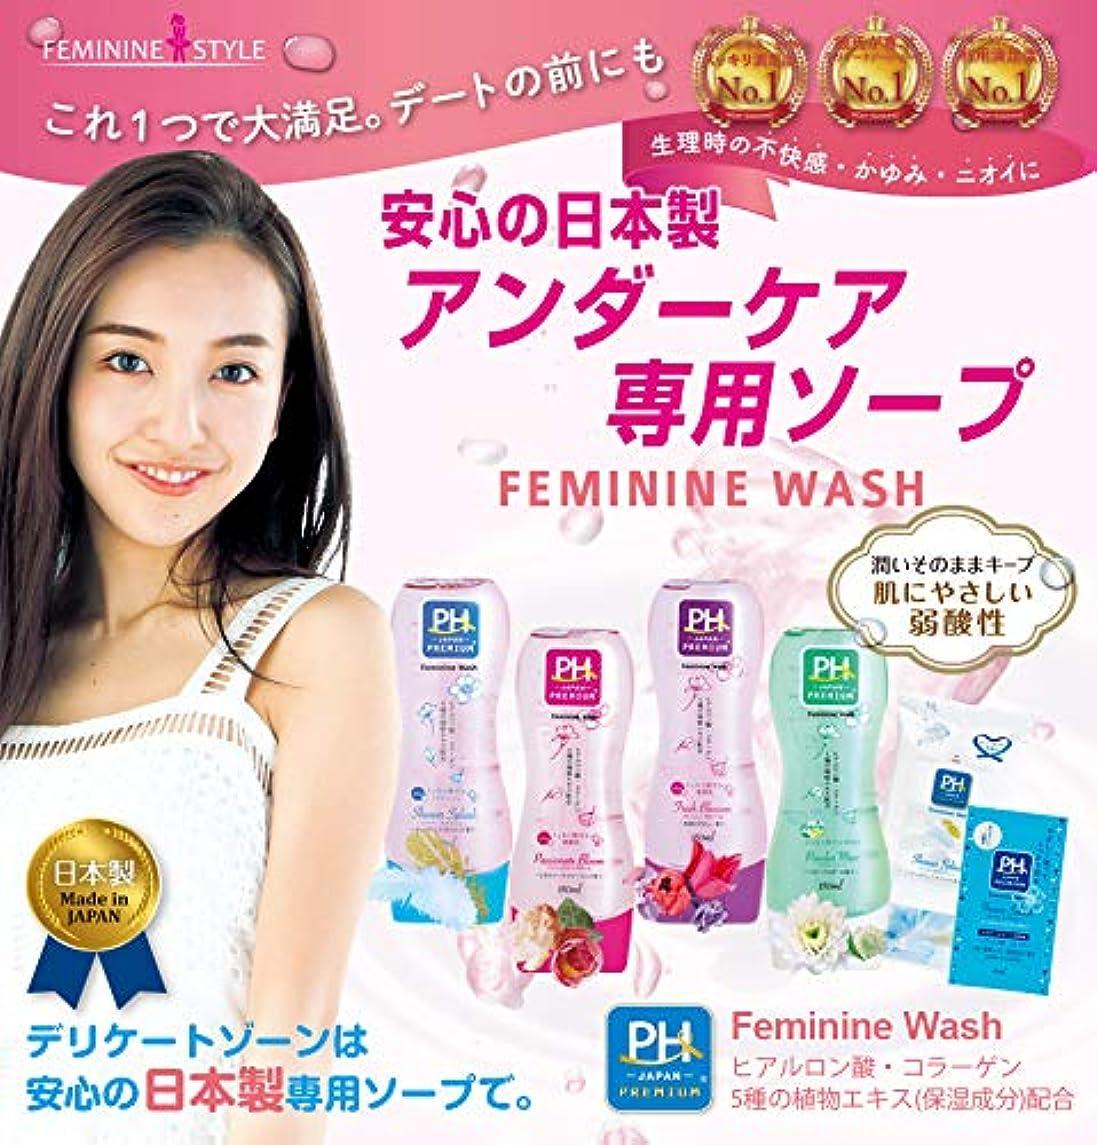 まっすぐ増幅器オリエンタルパッショネイトブルーム2本セット PH JAPAN フェミニンウォッシュ 上品なローズフローラルの香り